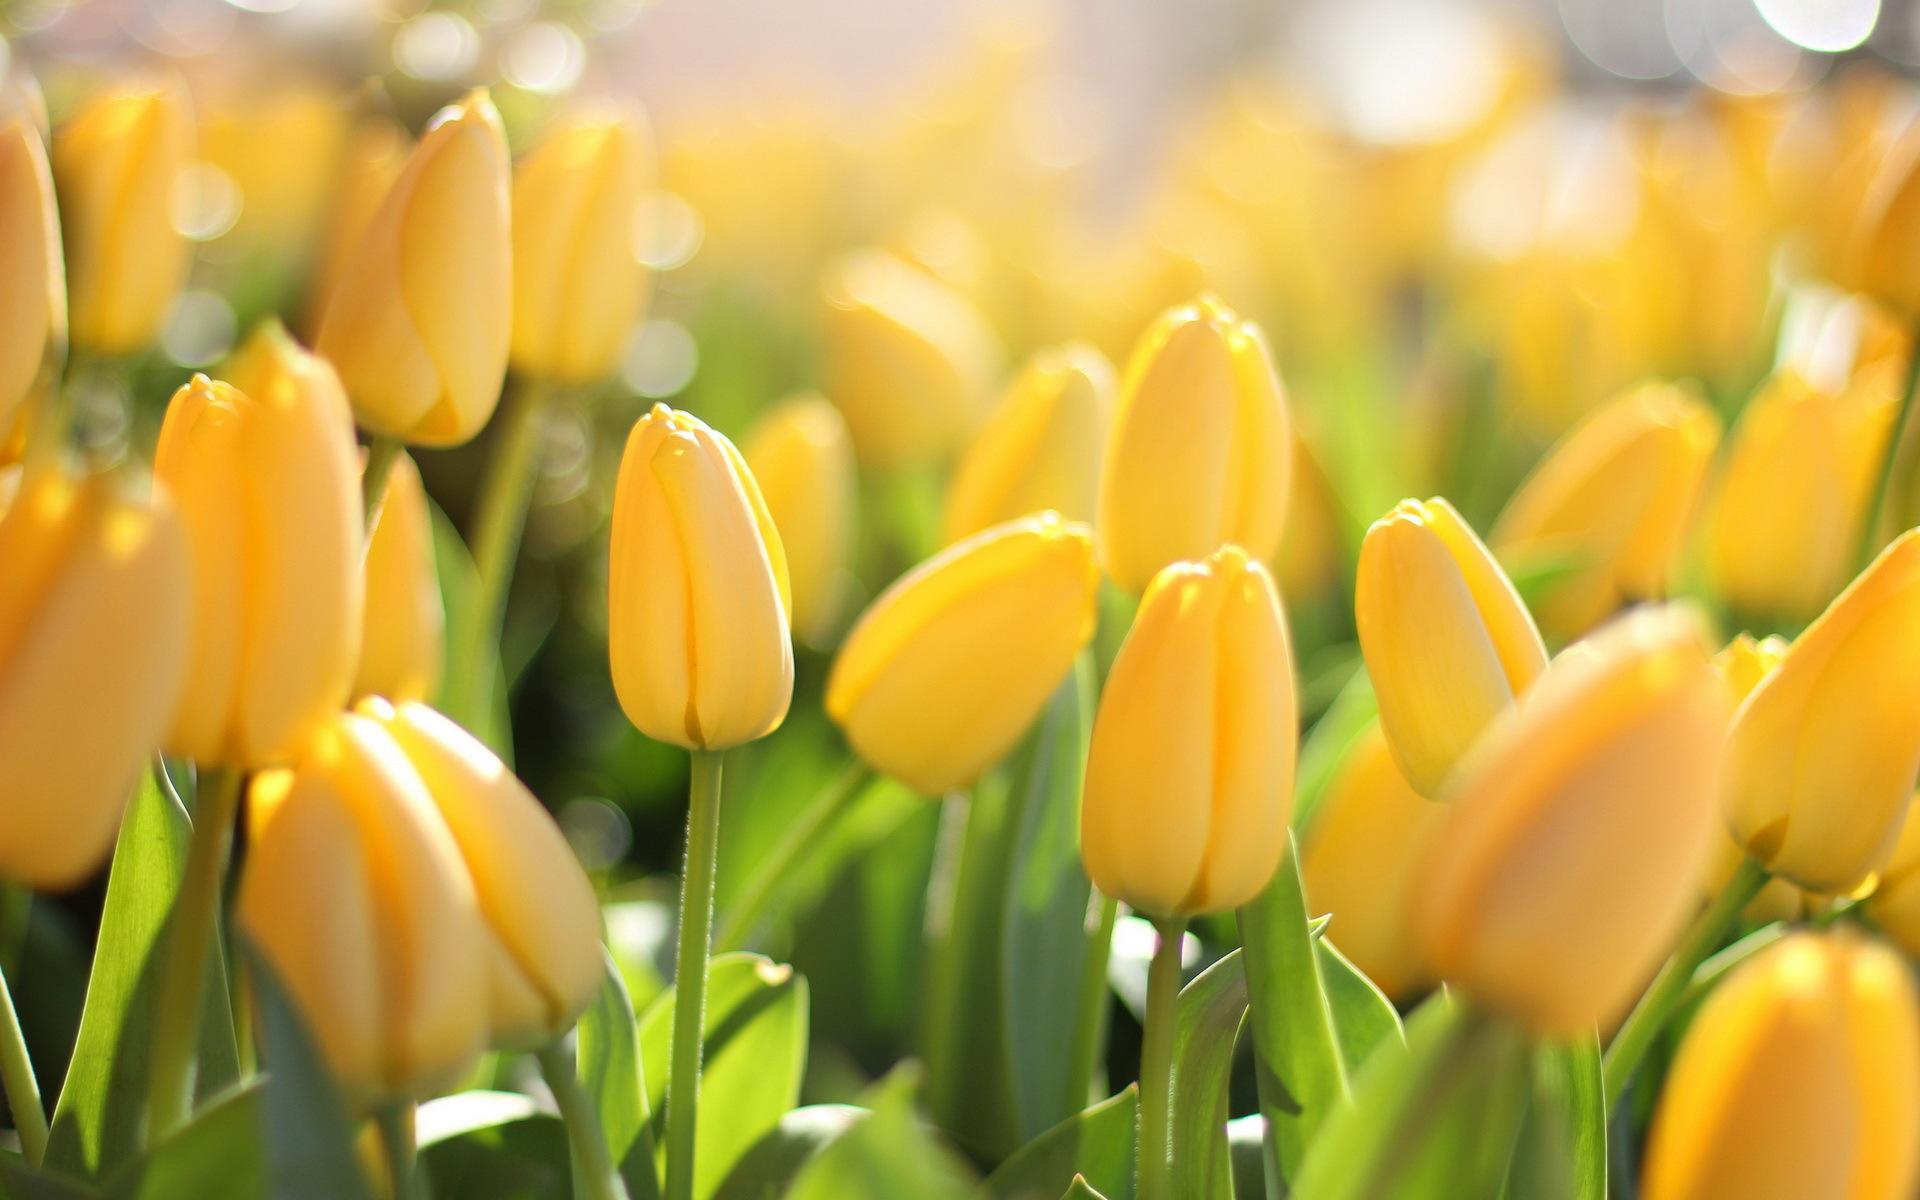 природа цветы тюльпаны желтые nature flowers tulips yellow бесплатно